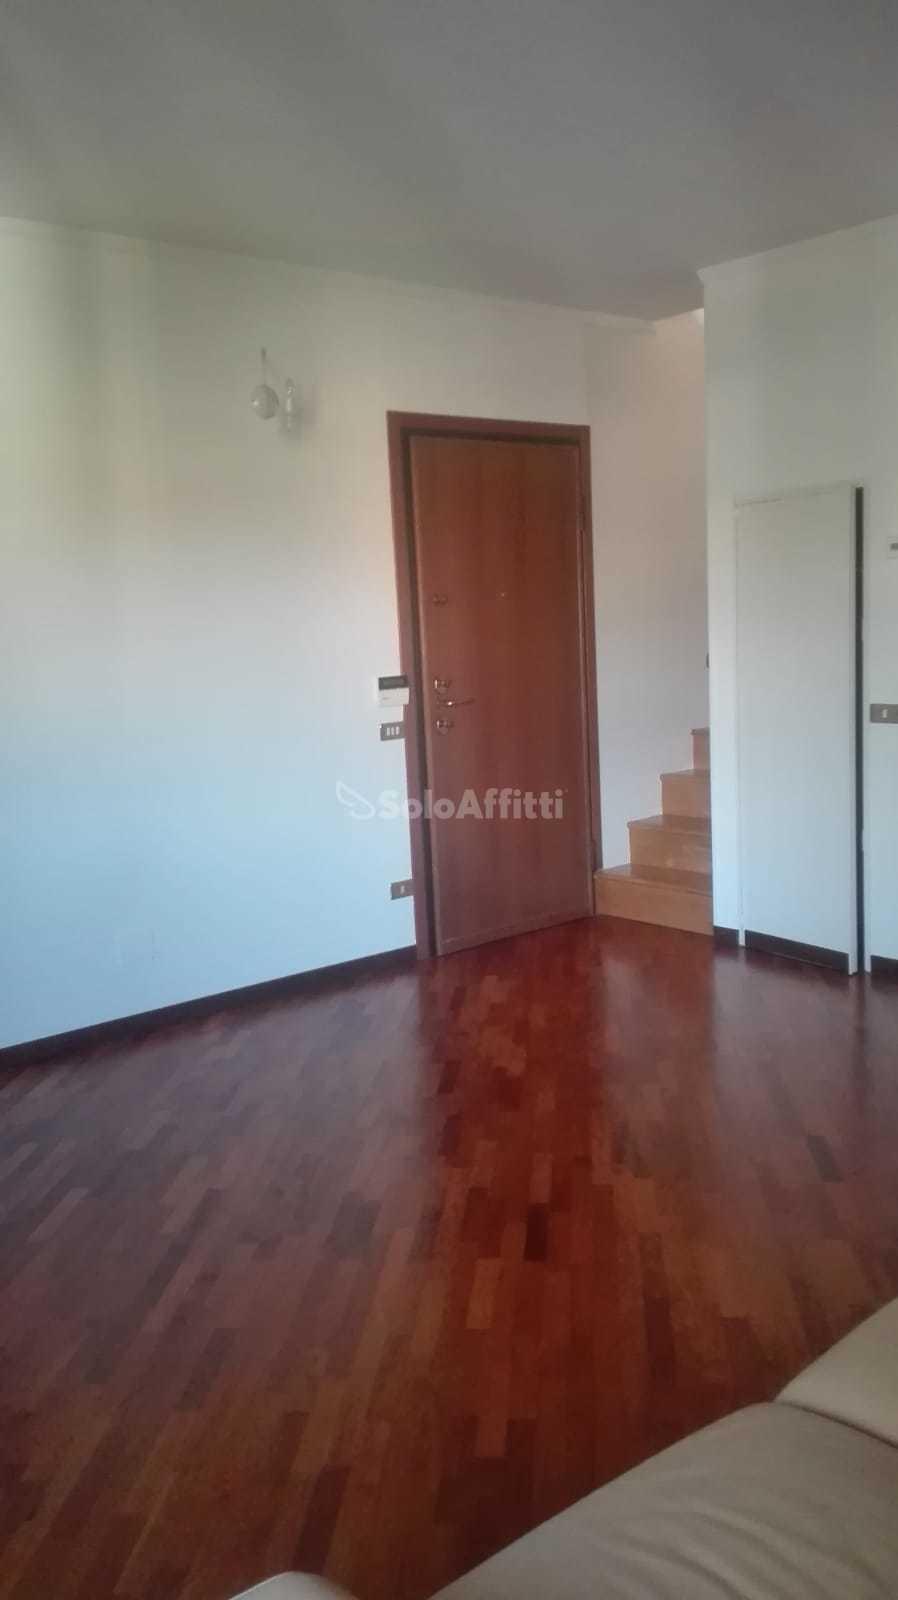 SoloASffittiParma1,4 camere via Zarotto con garage